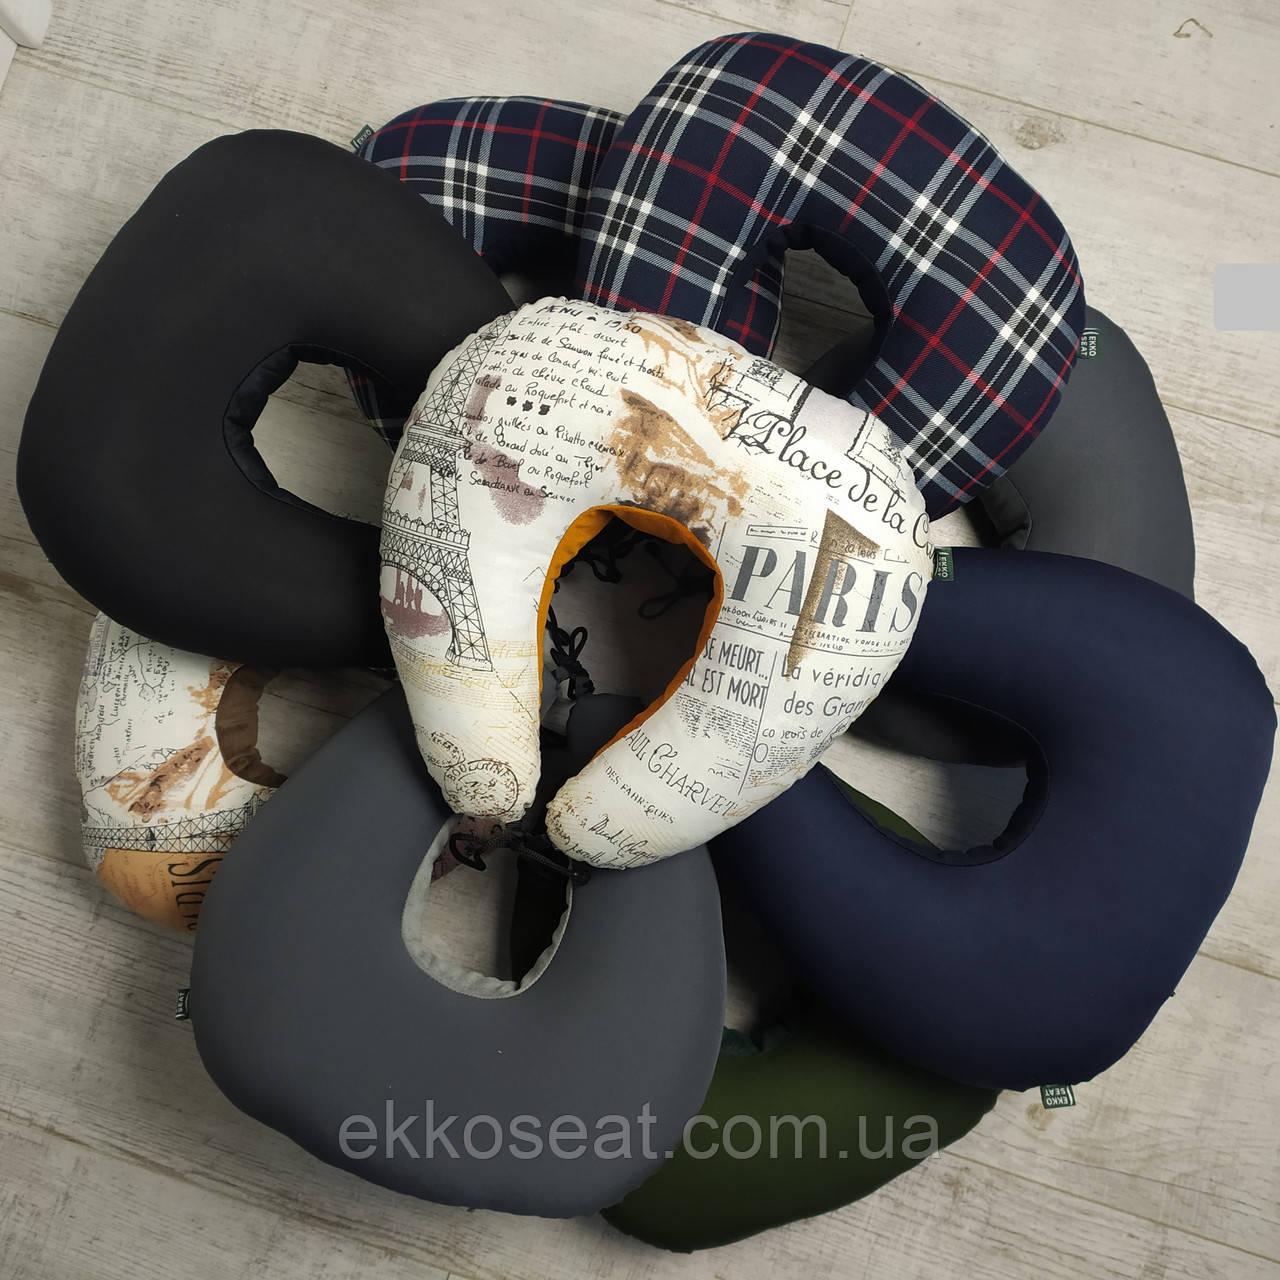 Дорожная подушка для путешествий EKKOSEAT. Бинарная с велюровой вставкой. Париж, Шотландия, Однотонная.